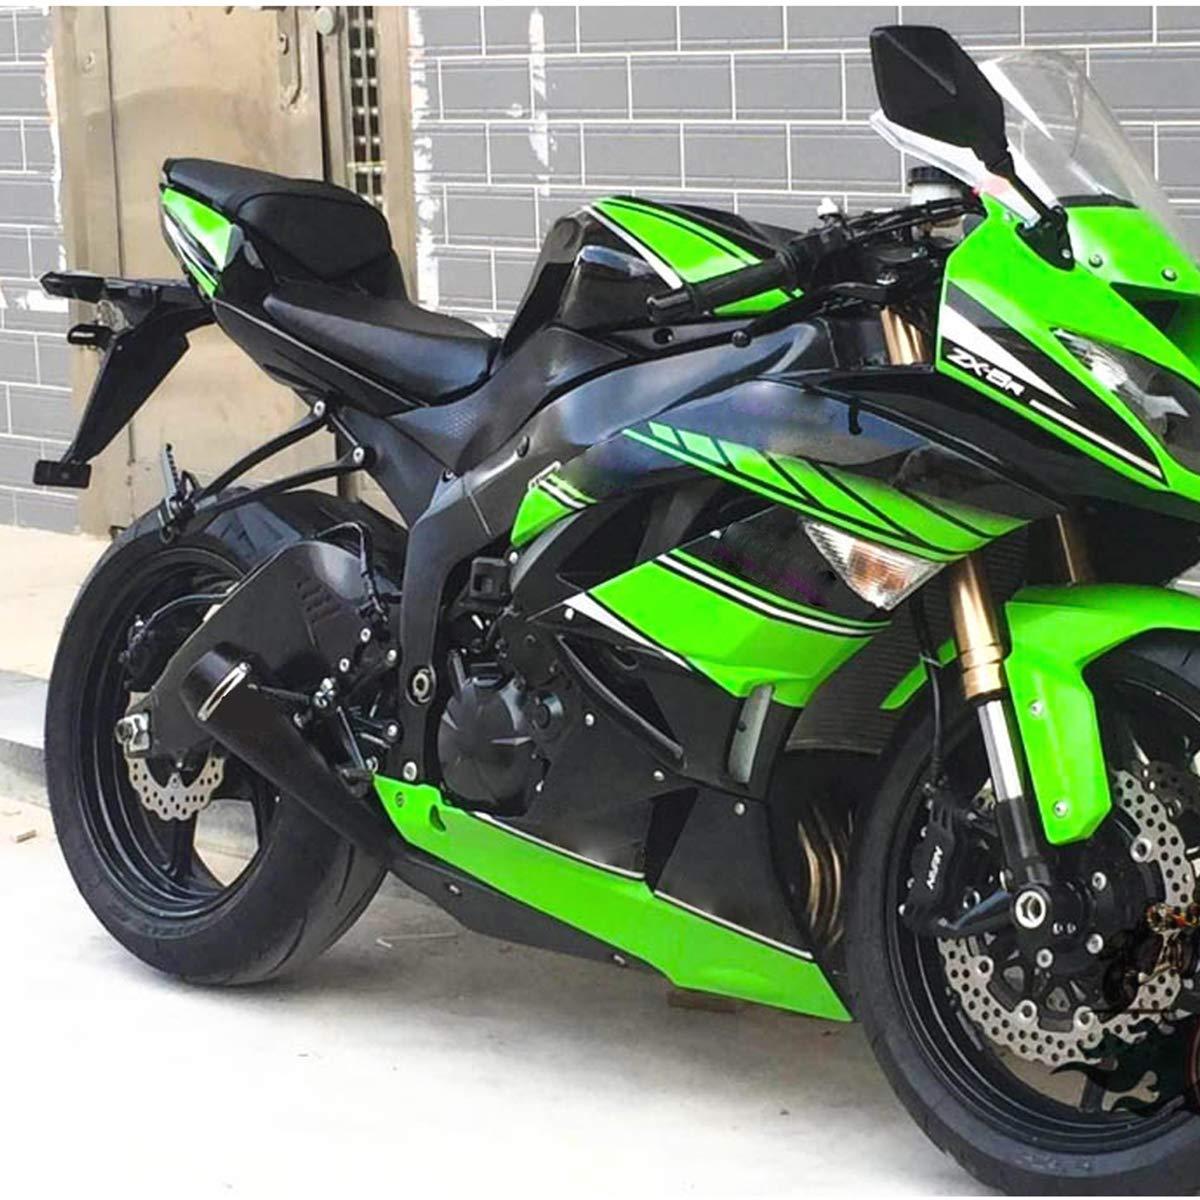 Amazon.com: ISTUNT Motorcycle Exhaust Modified for KAWASAKI ...